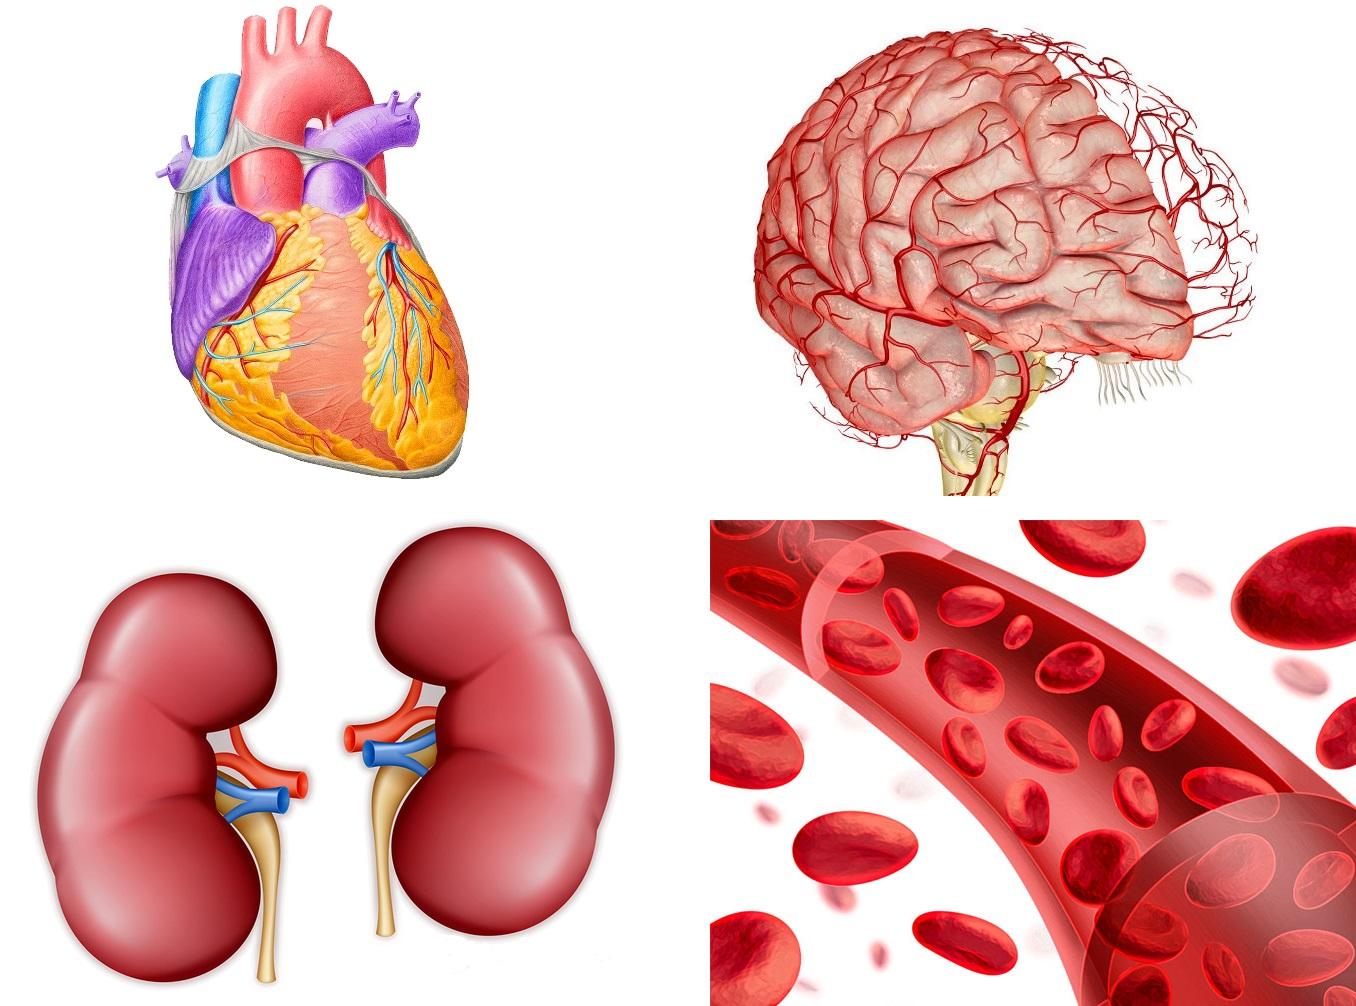 Эссенциальная и реноваскулярная артериальная гипертензия | лечение сердца